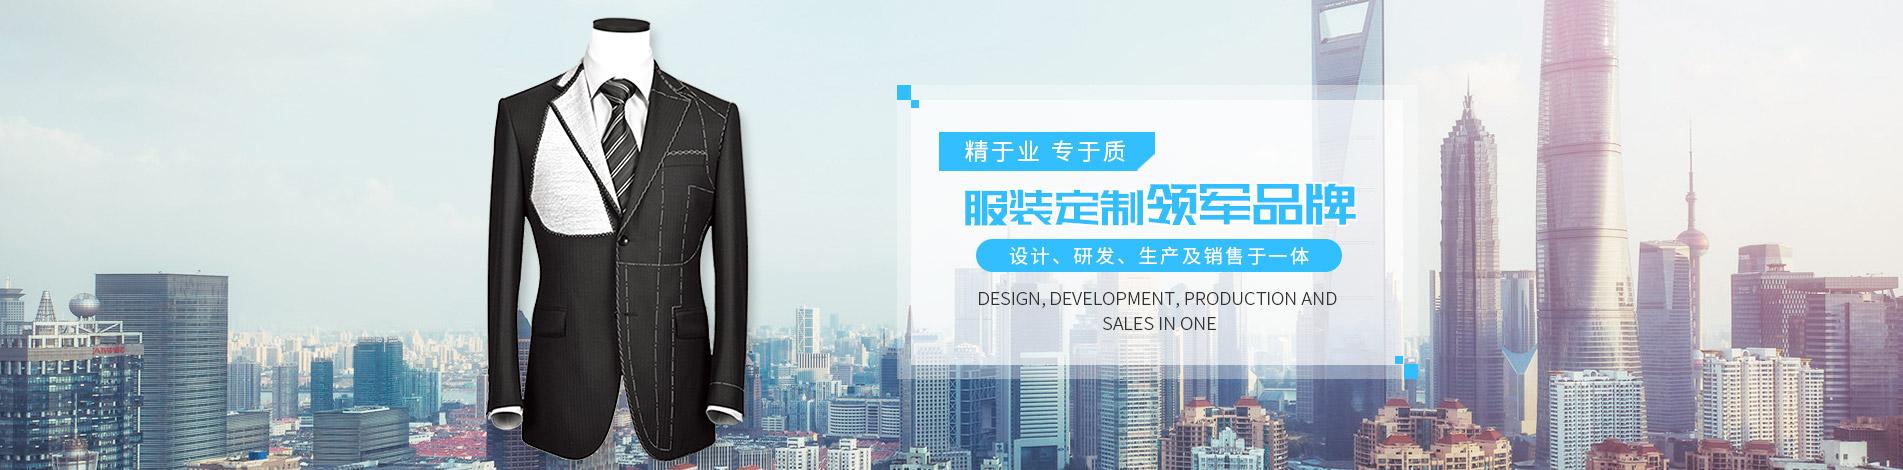 万博体育app安卓官方万博体育官网betmax厂家_上海朗艺服饰有限公司